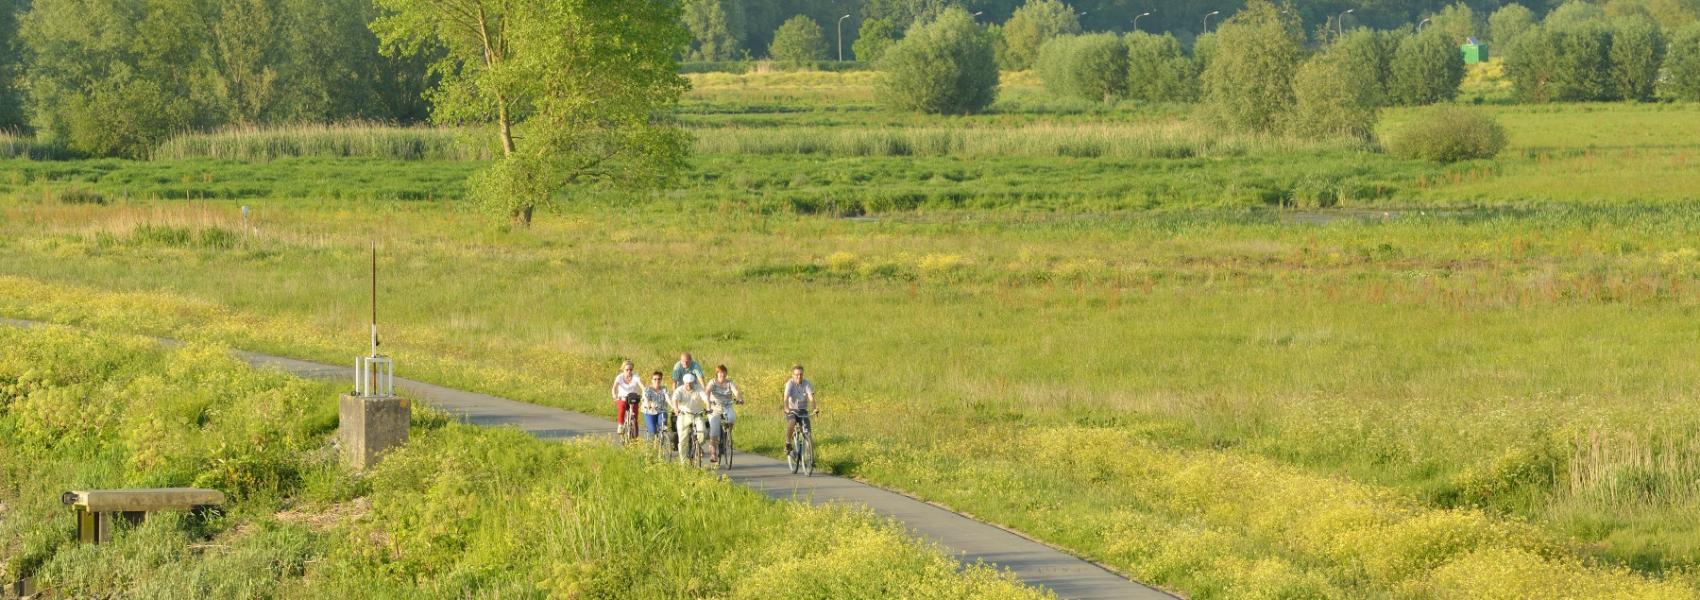 fietsers in het landschap